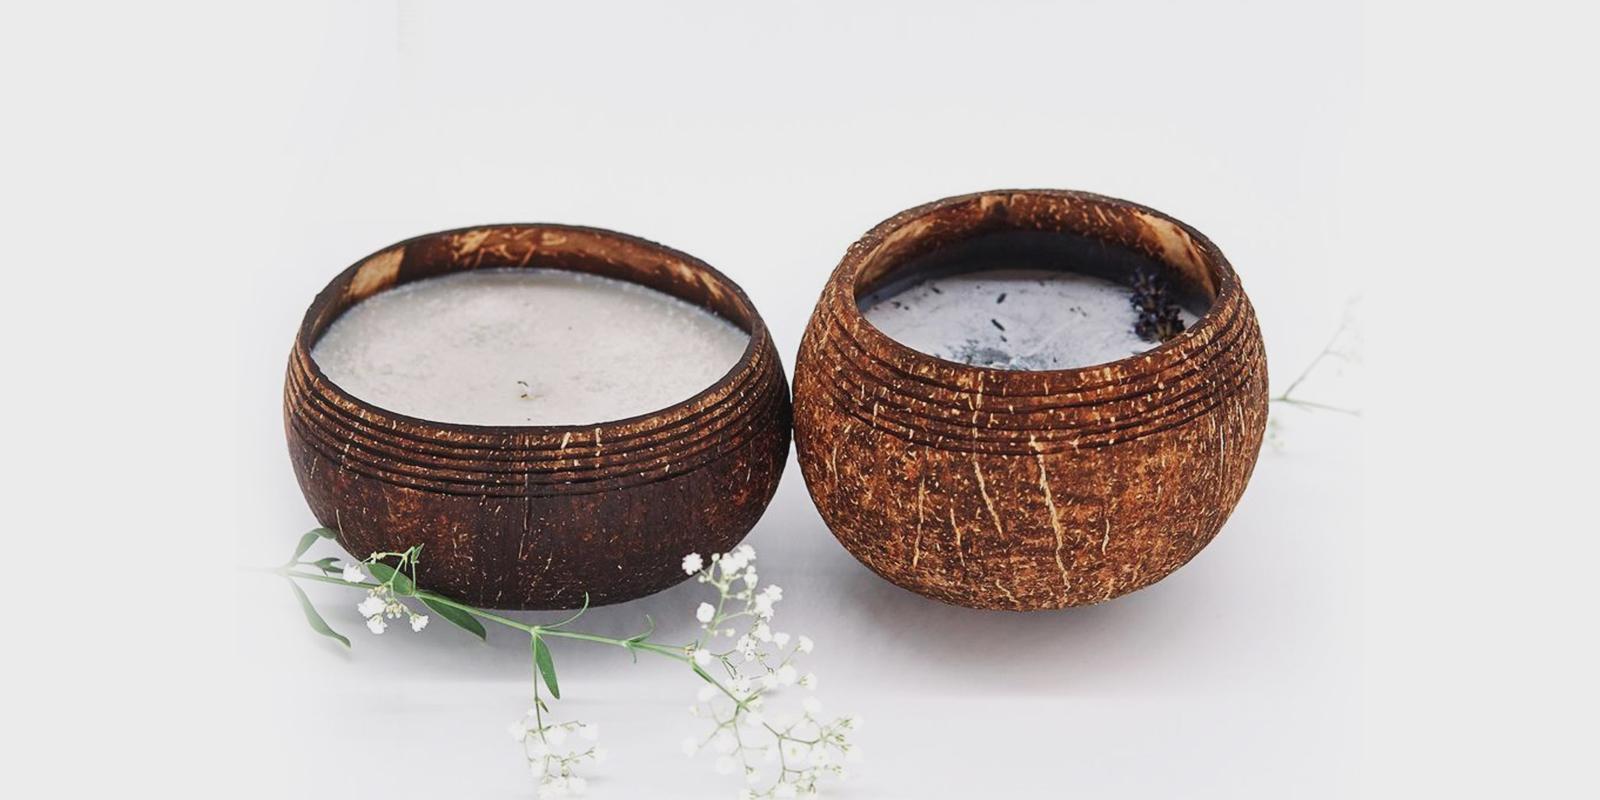 TROPIKALIA svíčka v kokosu s levandulí